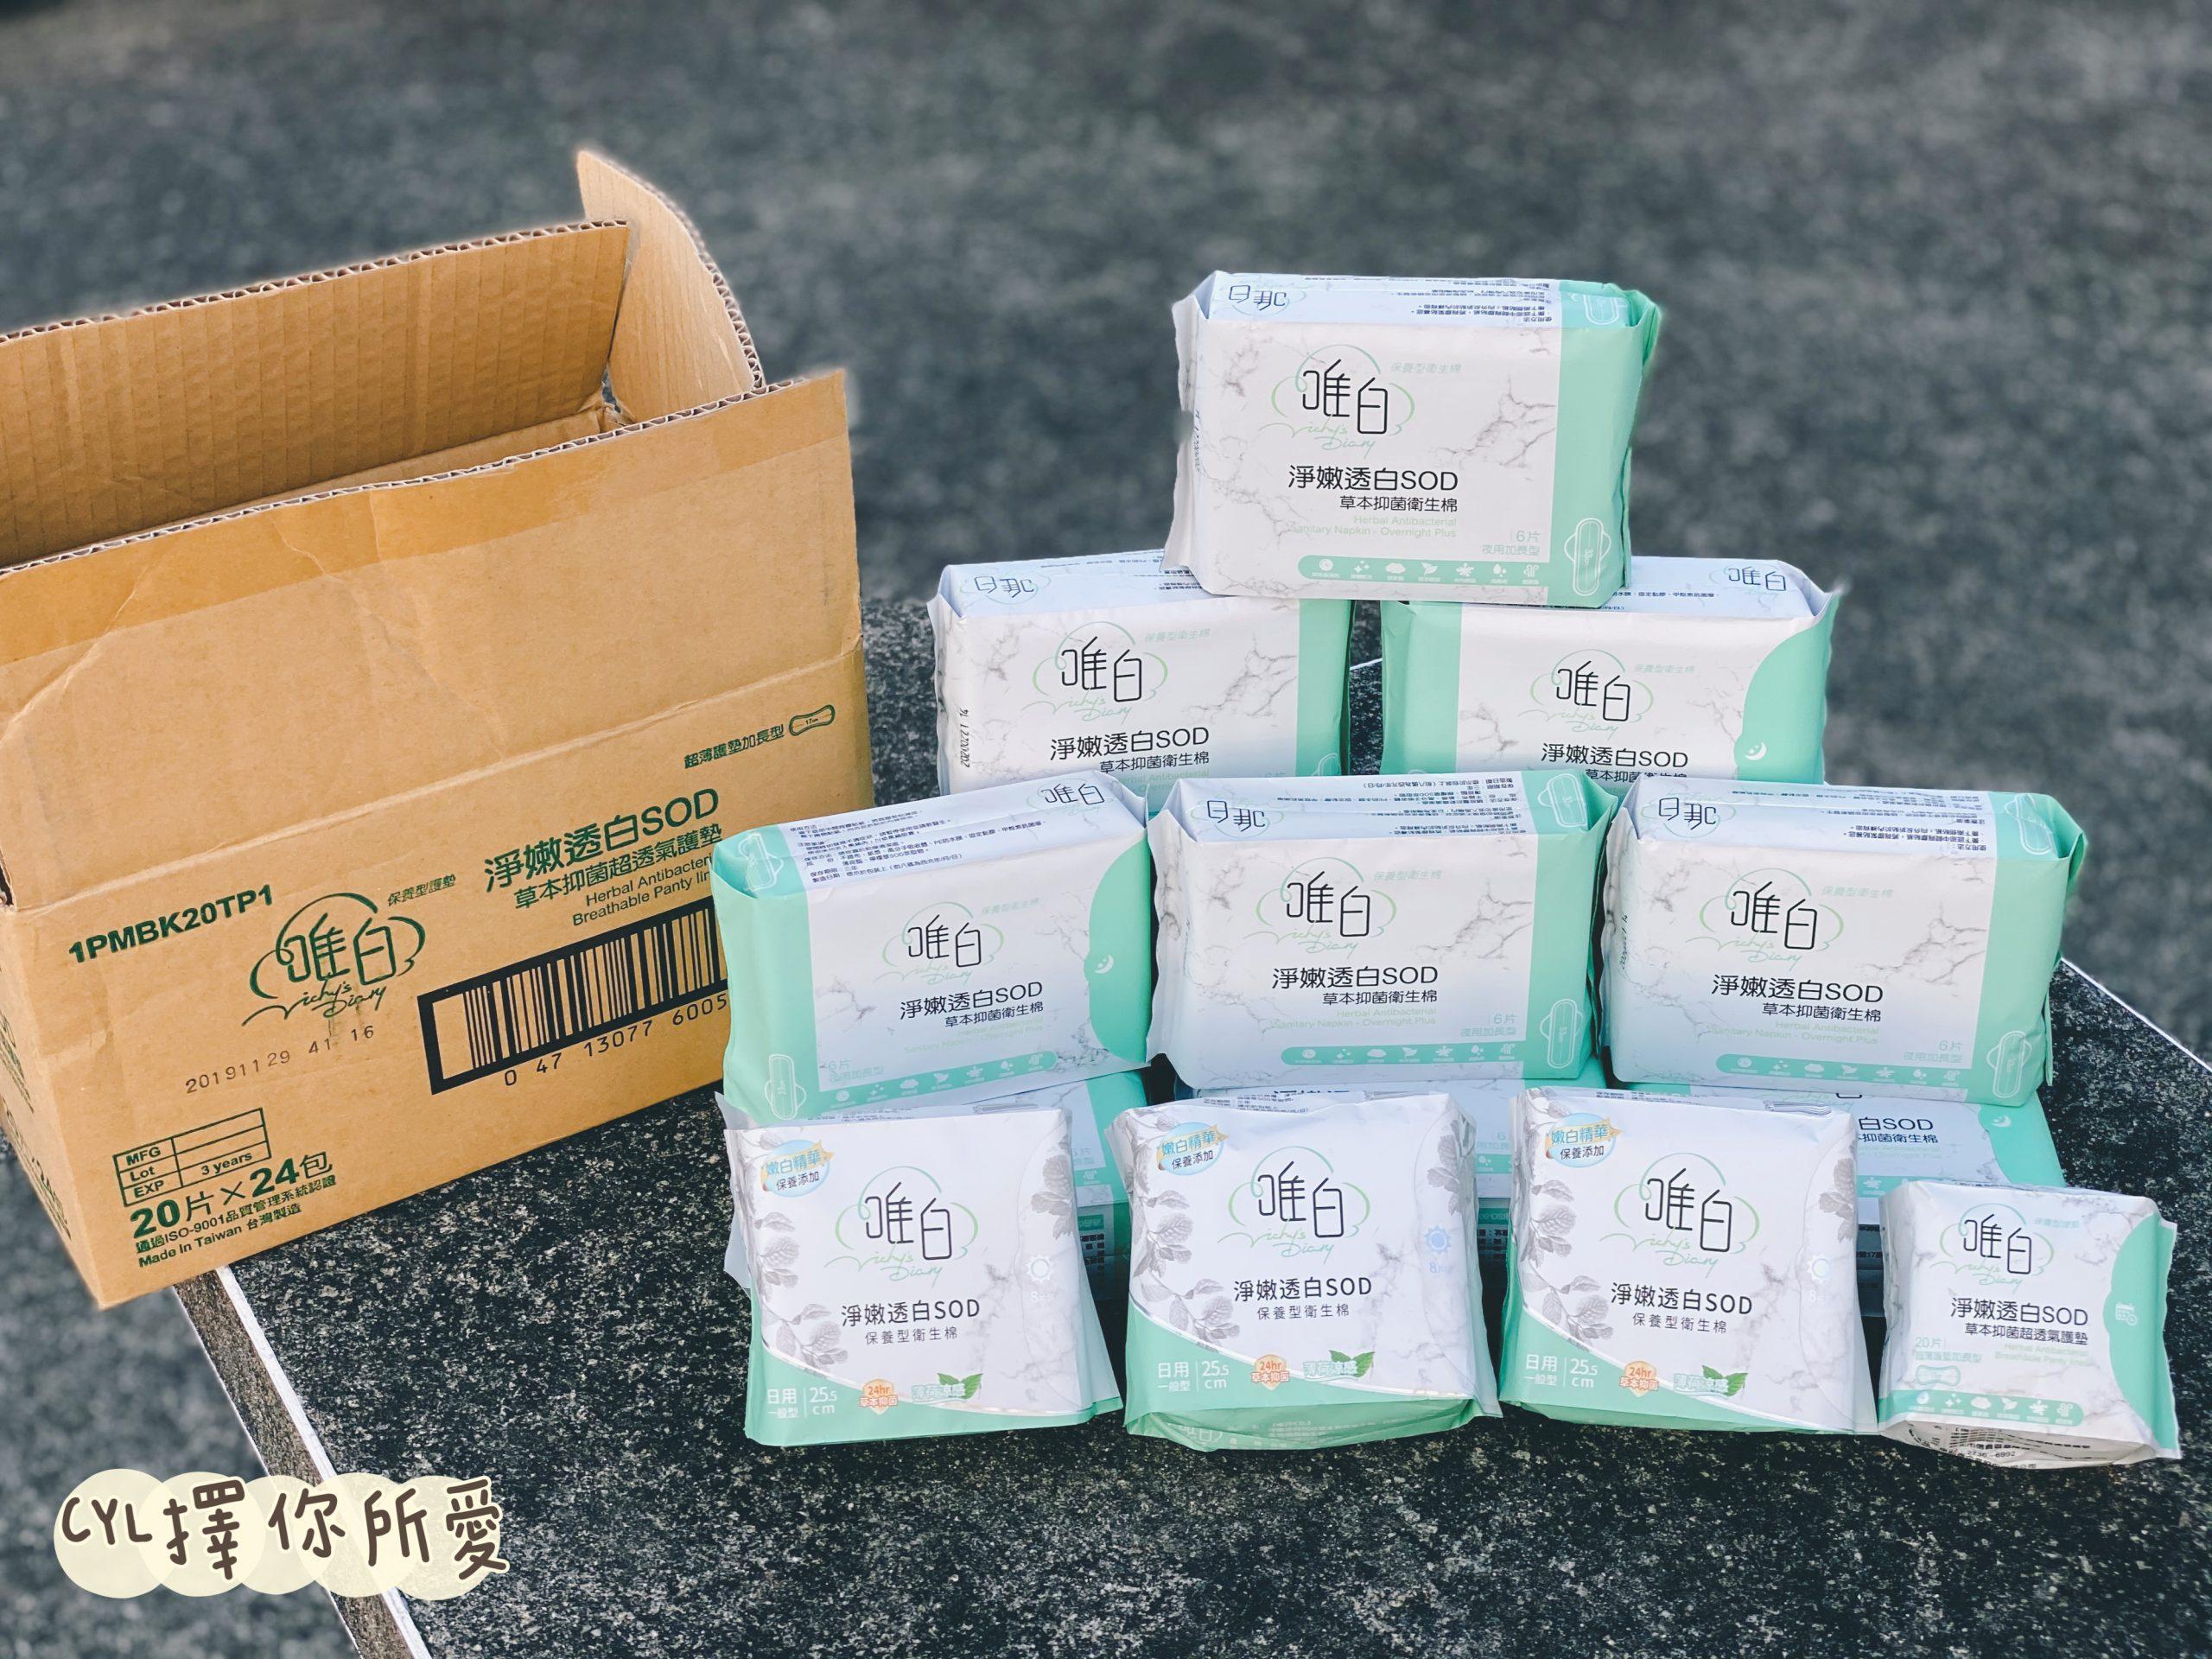 【唯白衛生棉比價】唯白SOD淨嫩透白草本抑菌衛生棉|團購優惠 @GINA LIN